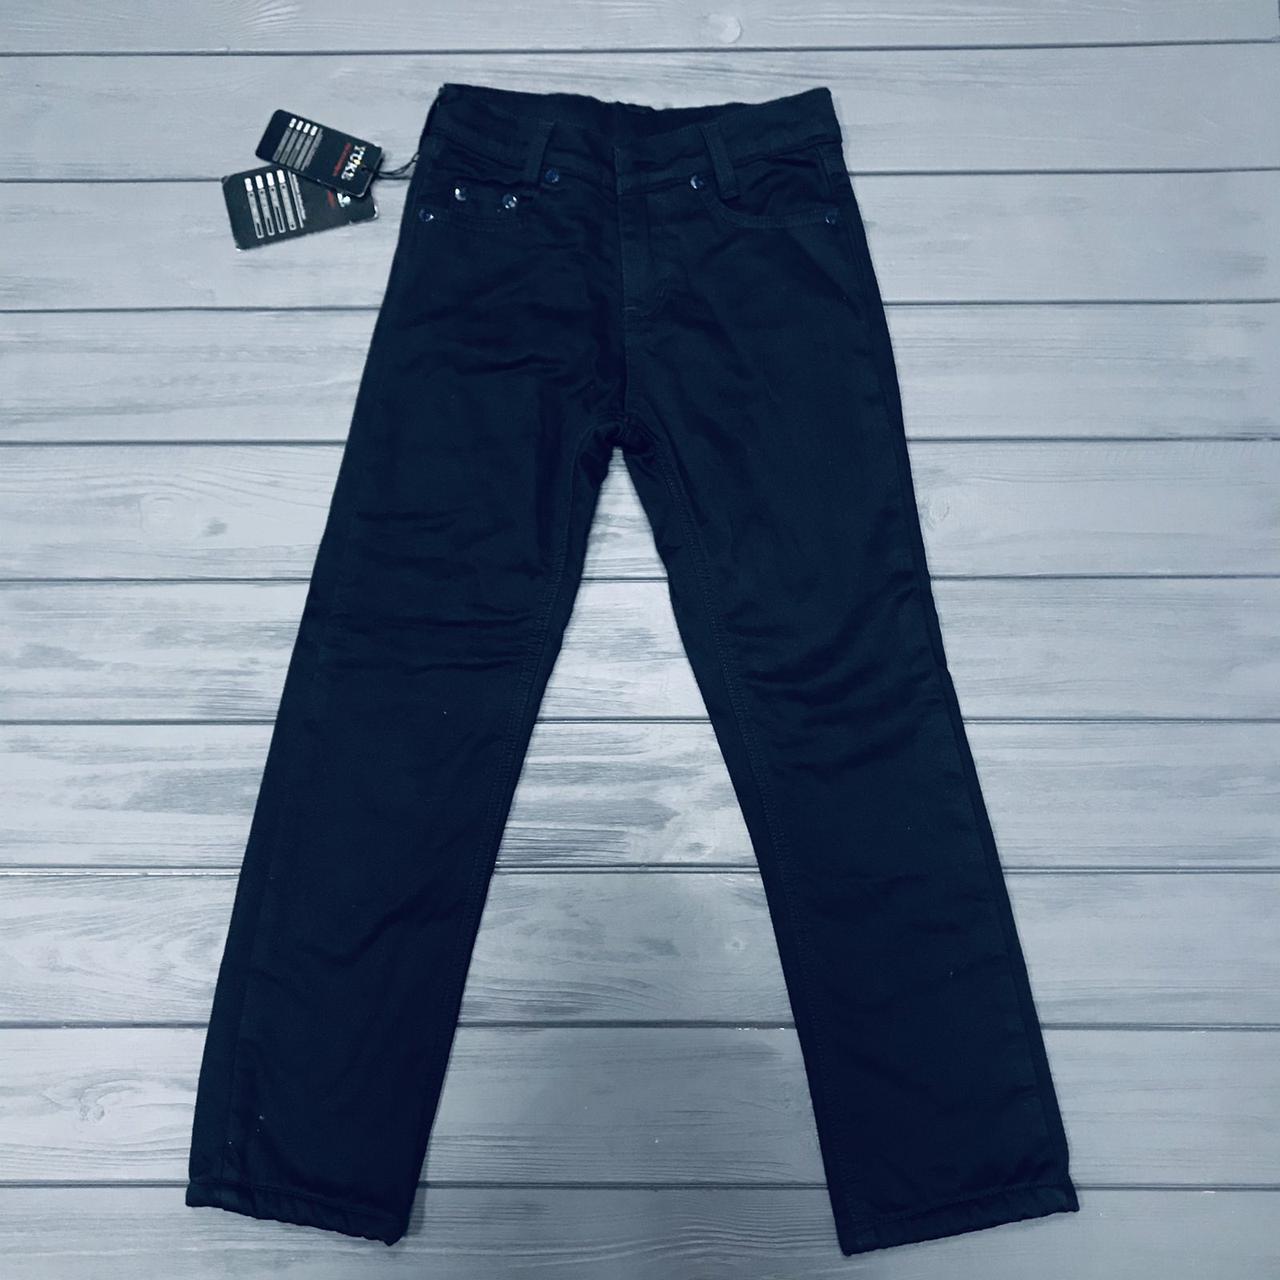 Детские джинсы на флисе  для  мальчиков оптом р.6-9-10 лет